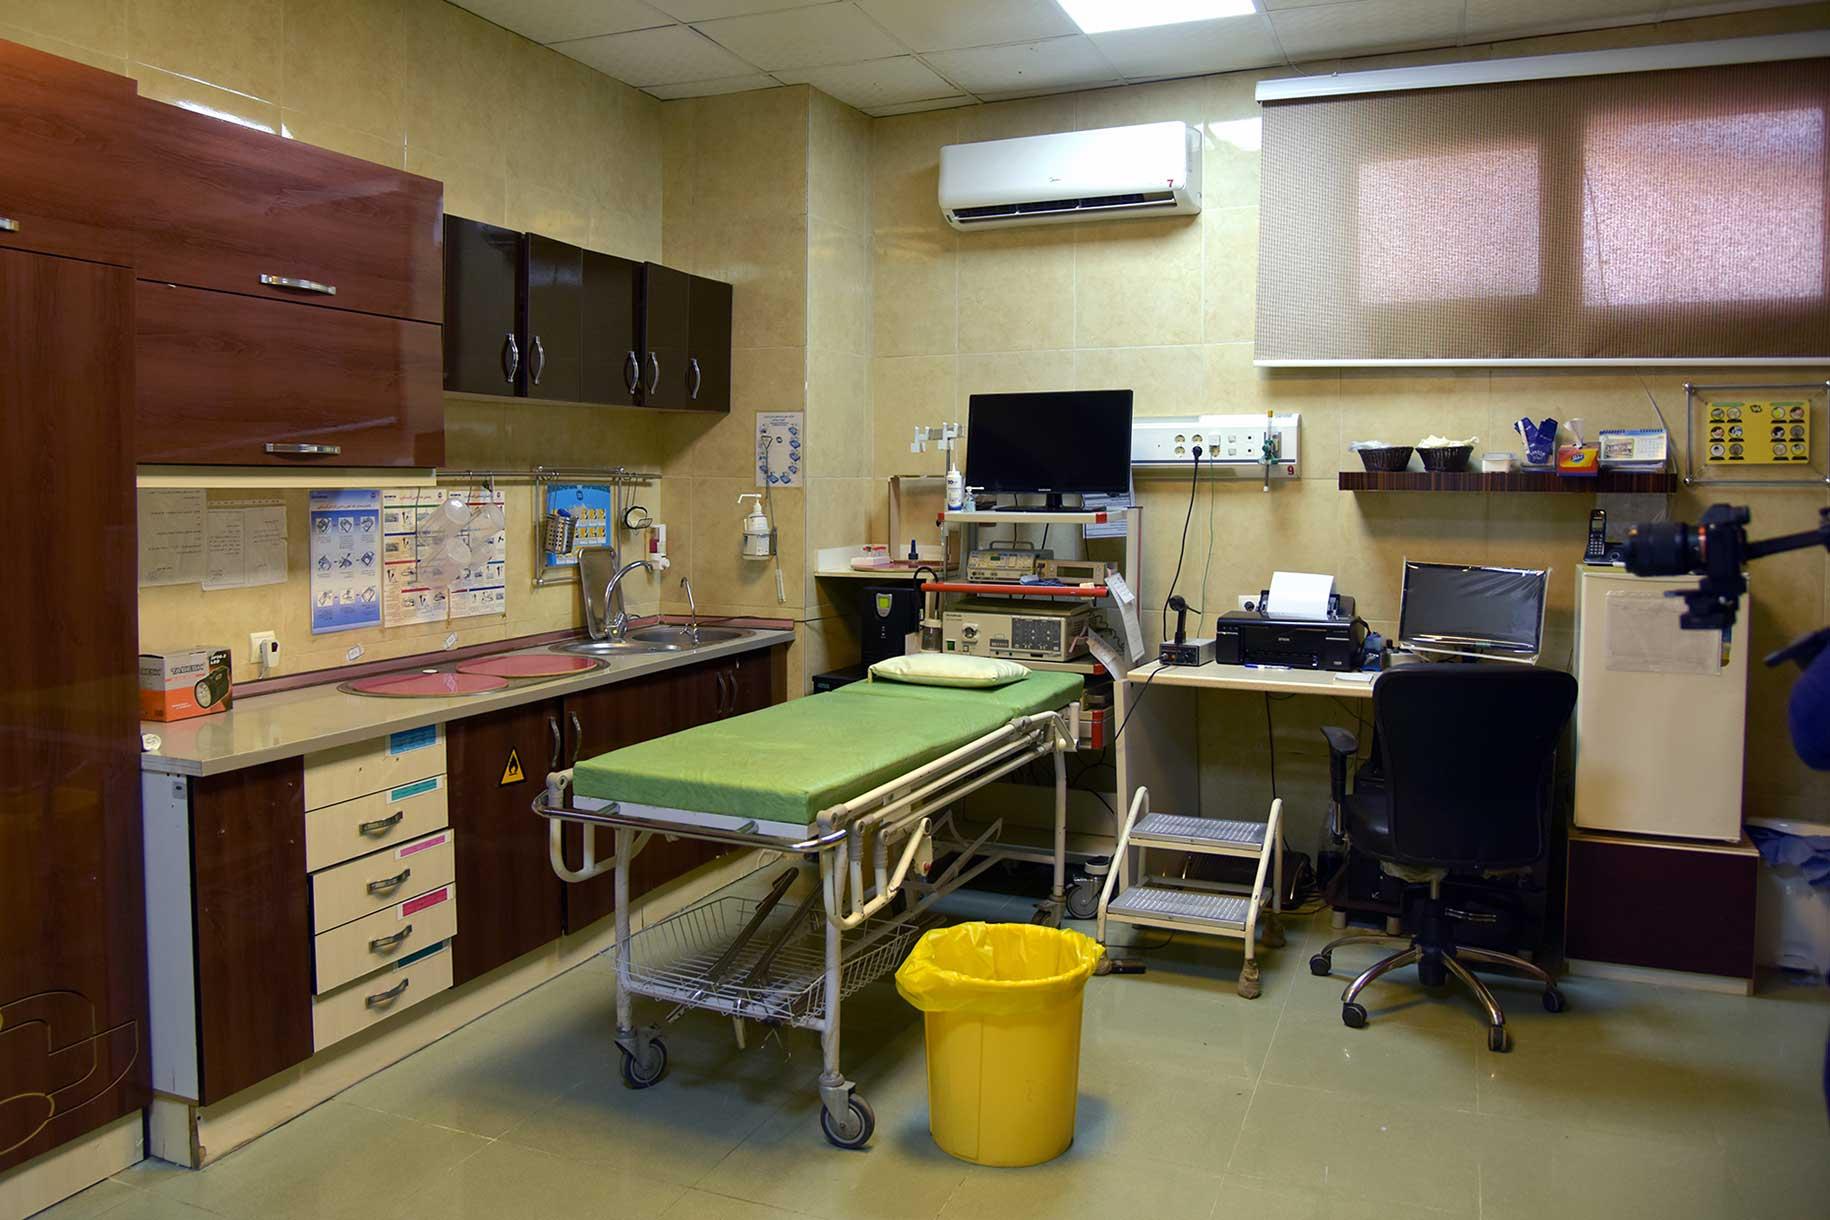 بیمارستان دکتر بسکی